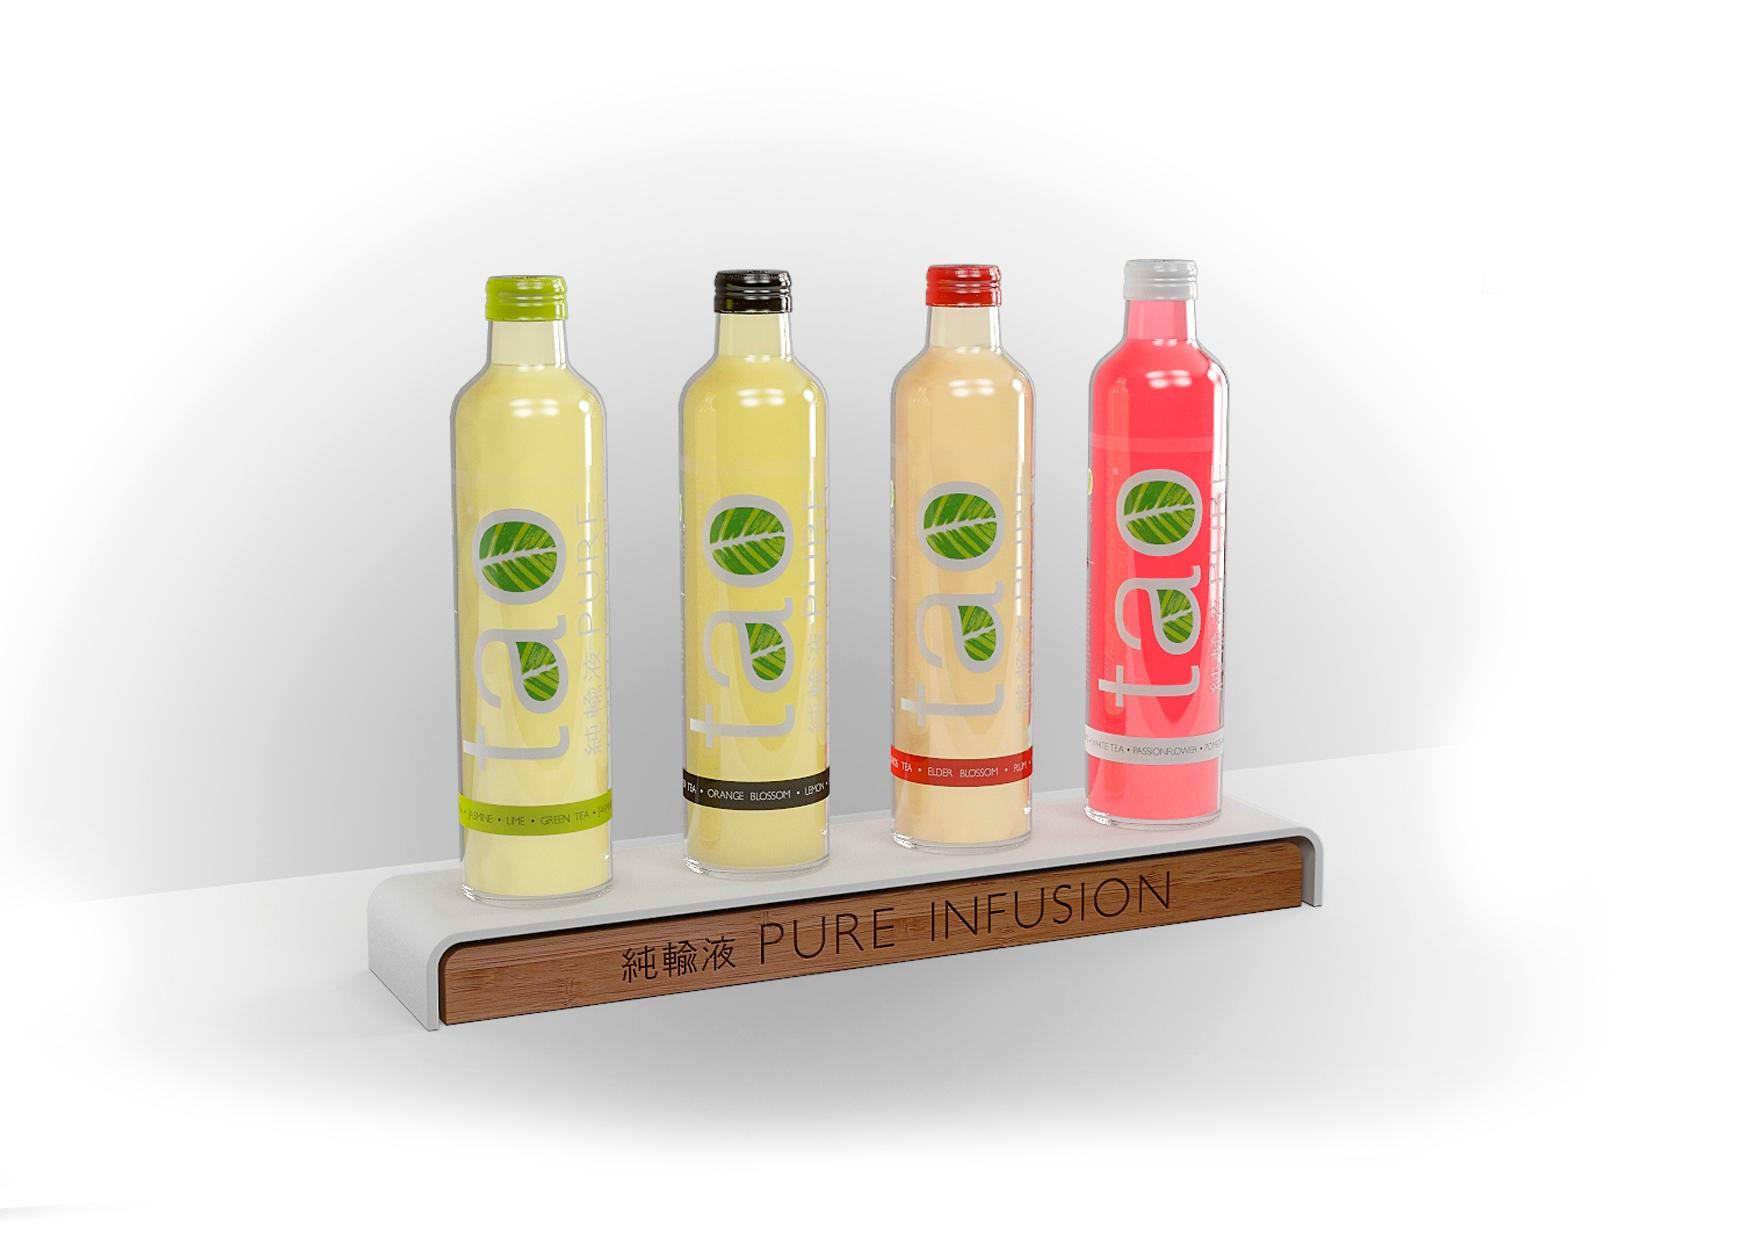 Tao-bottle-plv